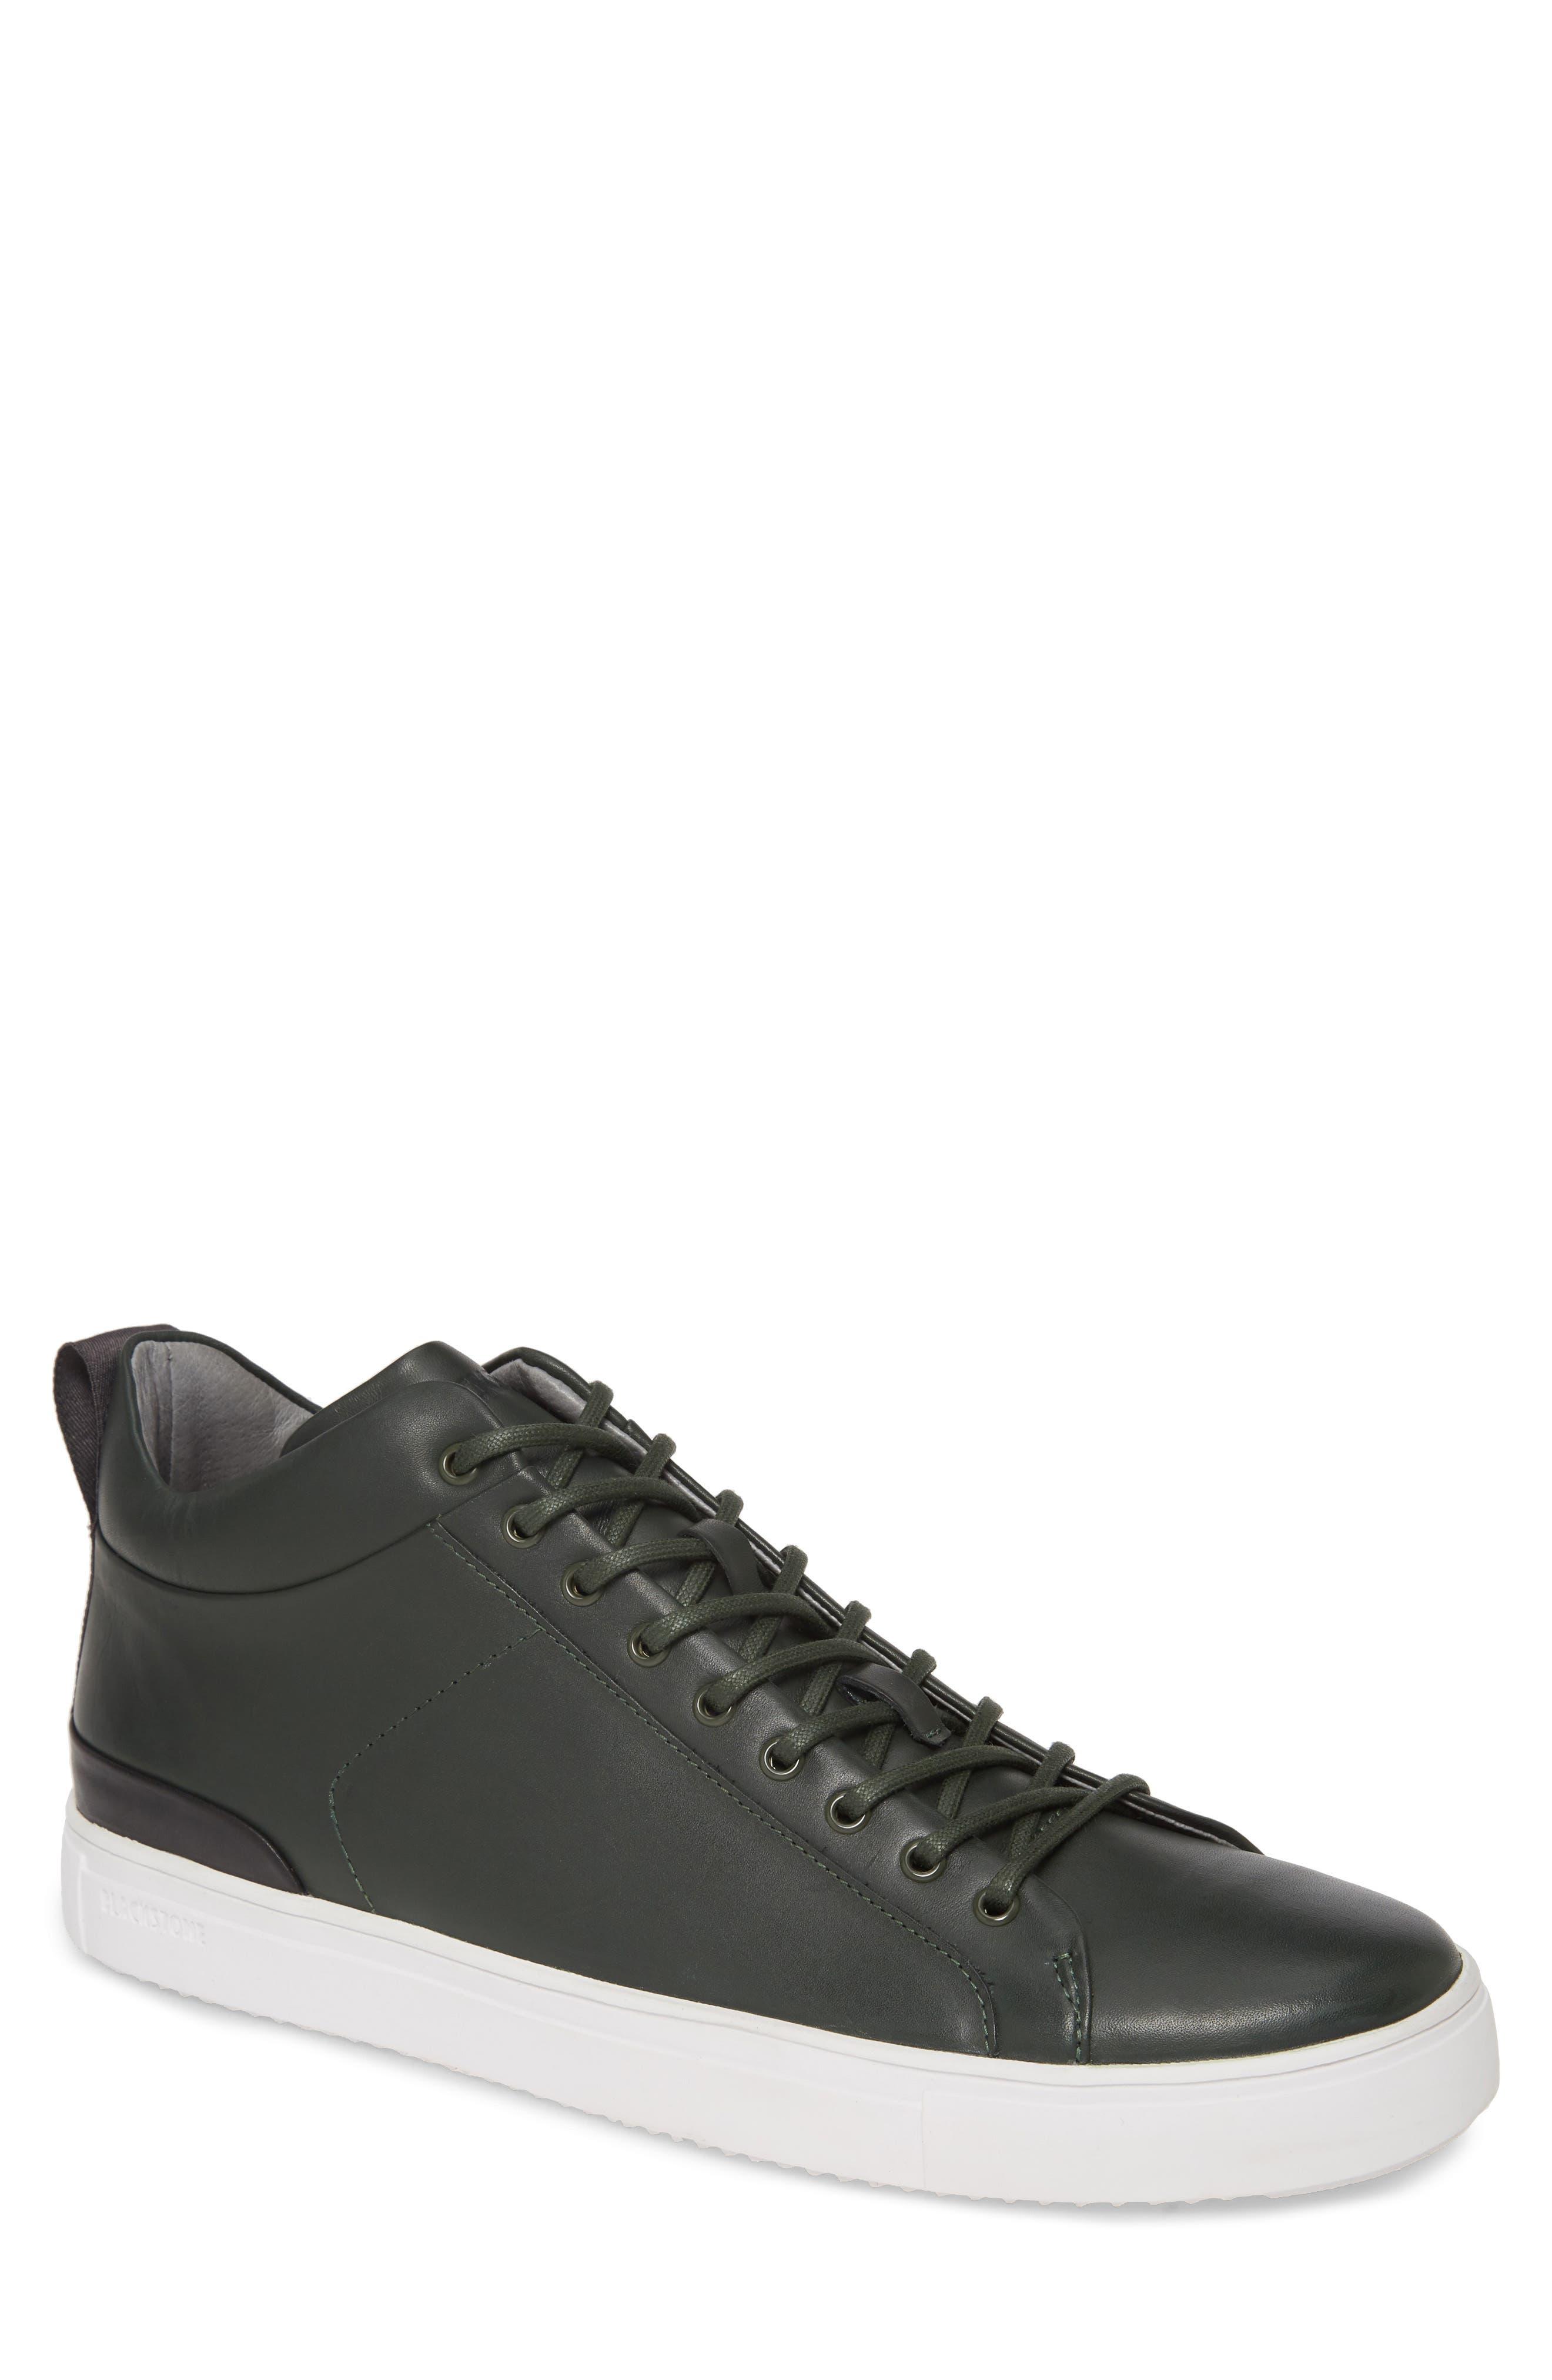 Sf29 Sneaker